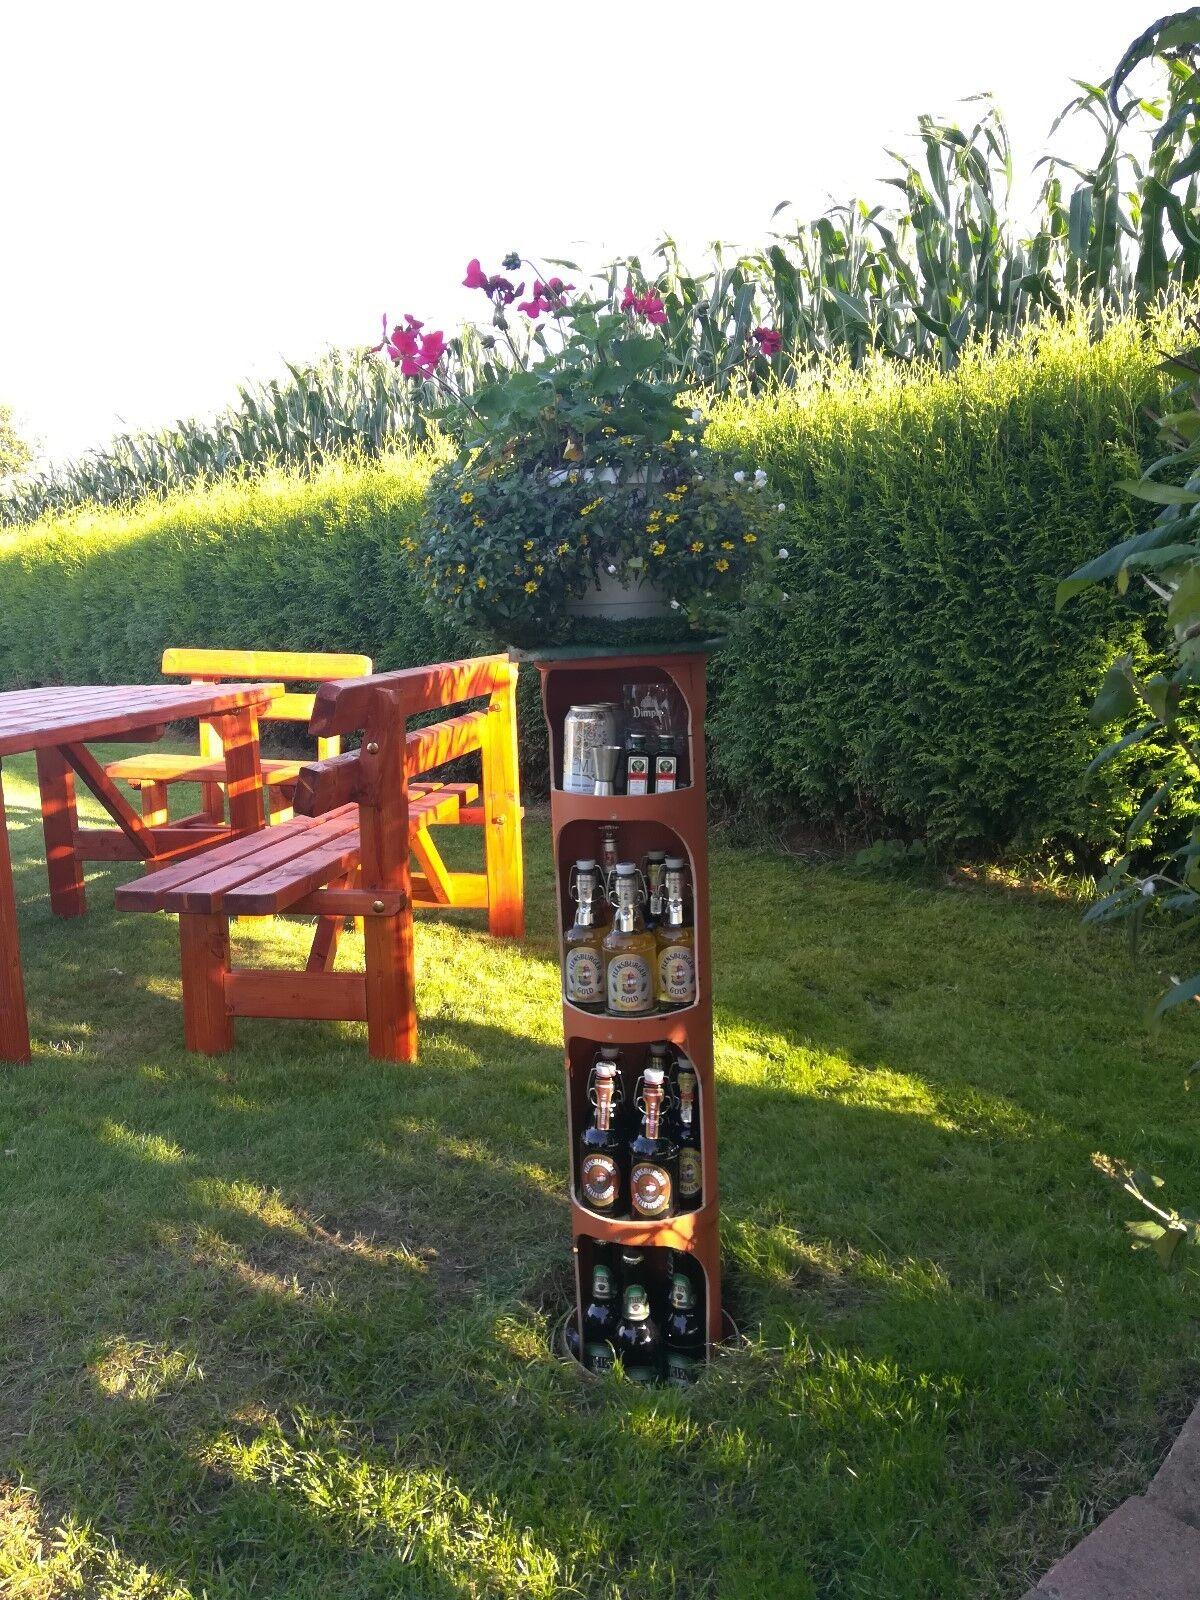 Bierkühler Erdkühler Getränke Kühler für den Garten mit Antrieb - Bauanleitung -